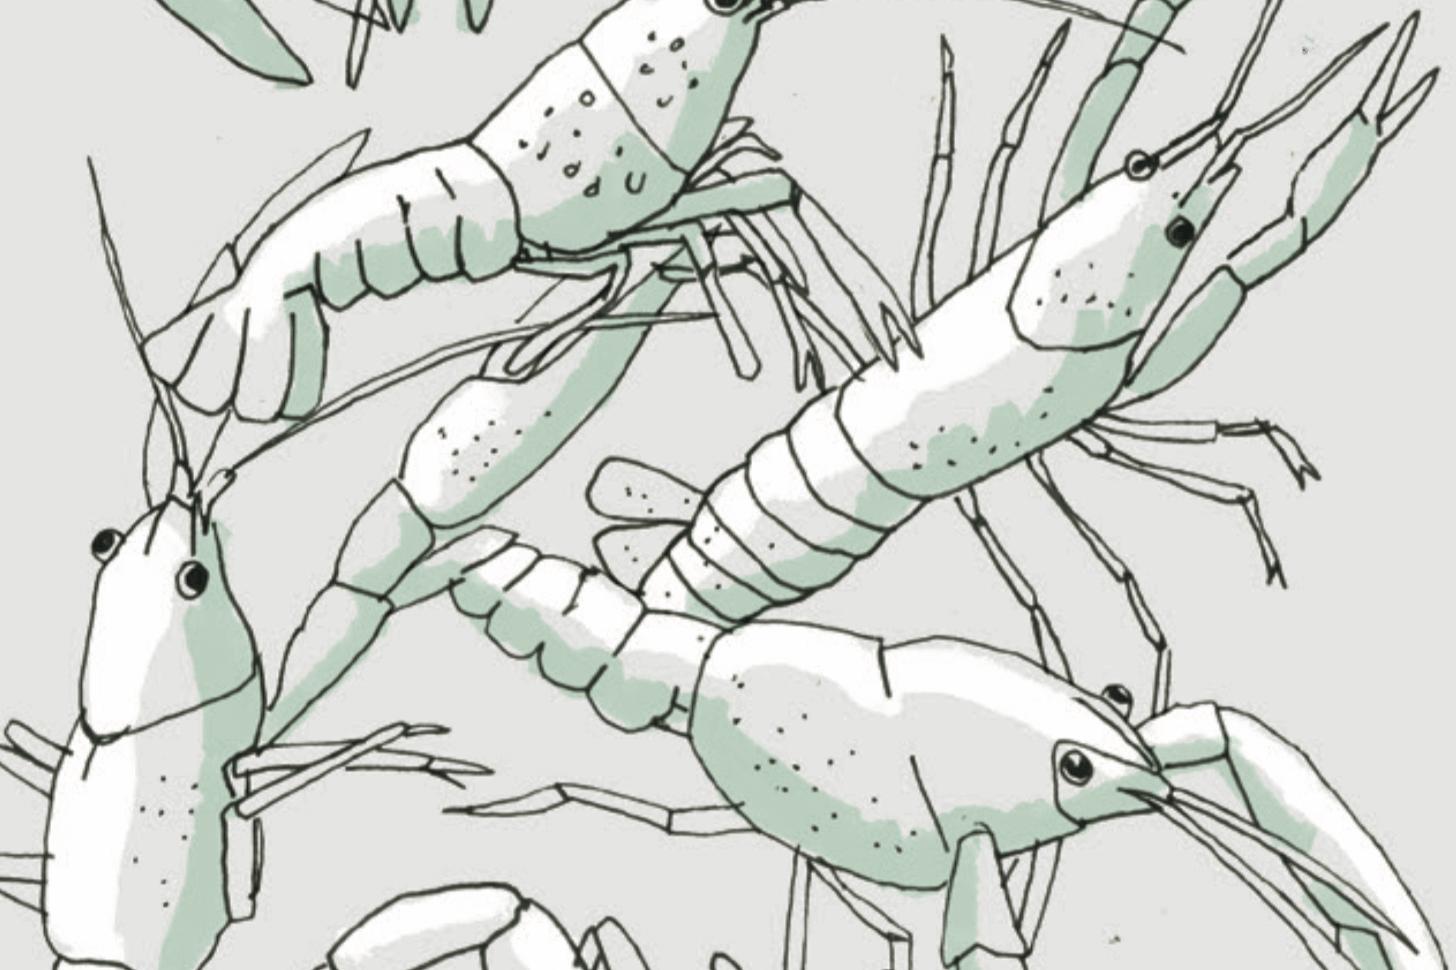 סרטני נהרות משבטים עצמם - טבע - מדע פלוס